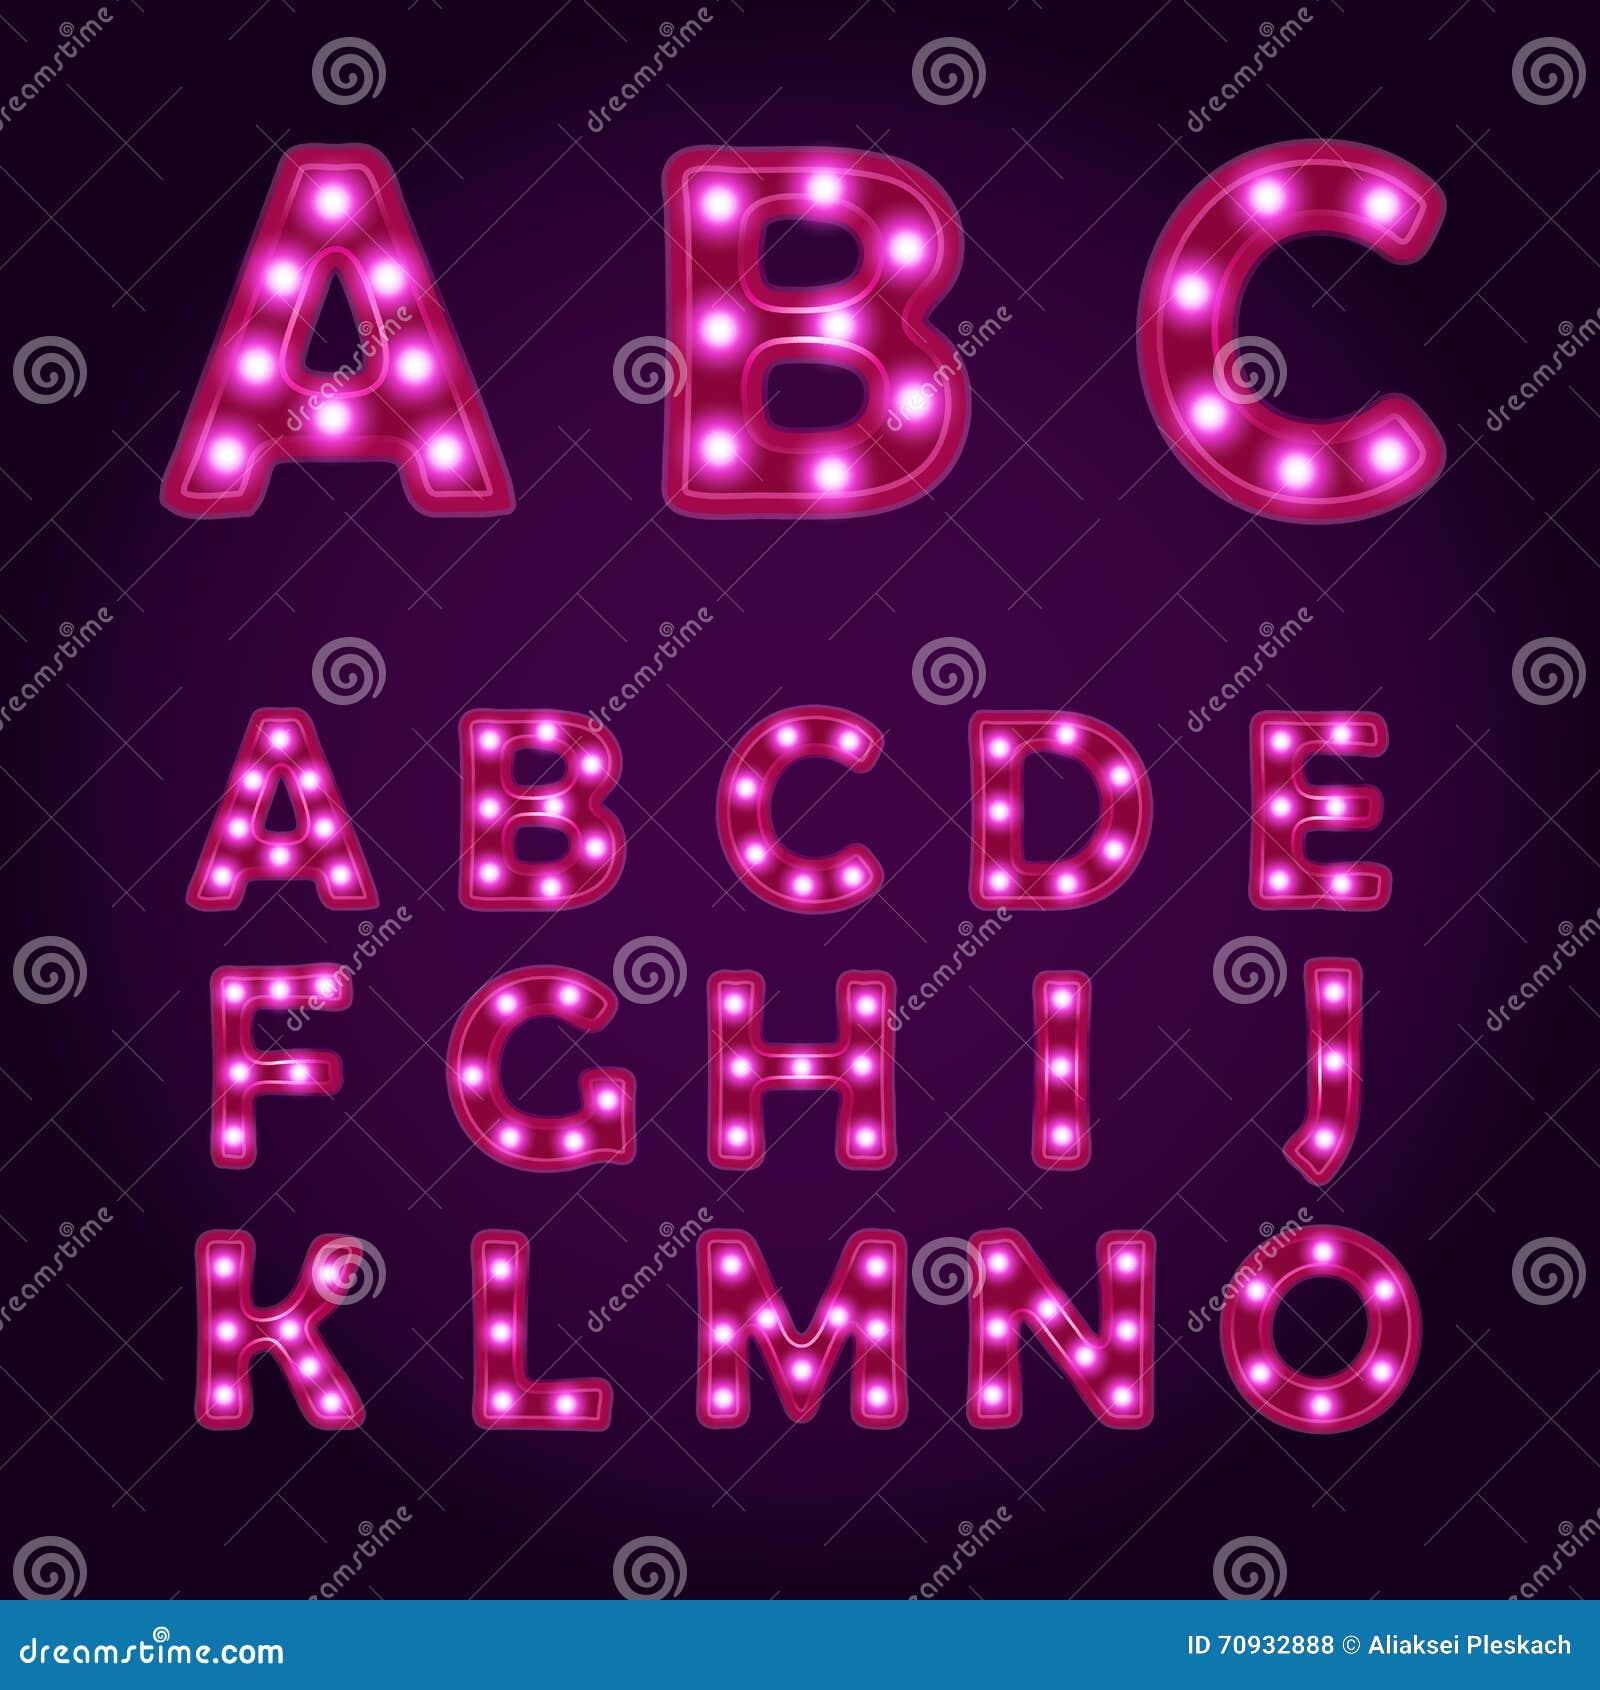 Fluorescent Letters Alphabet